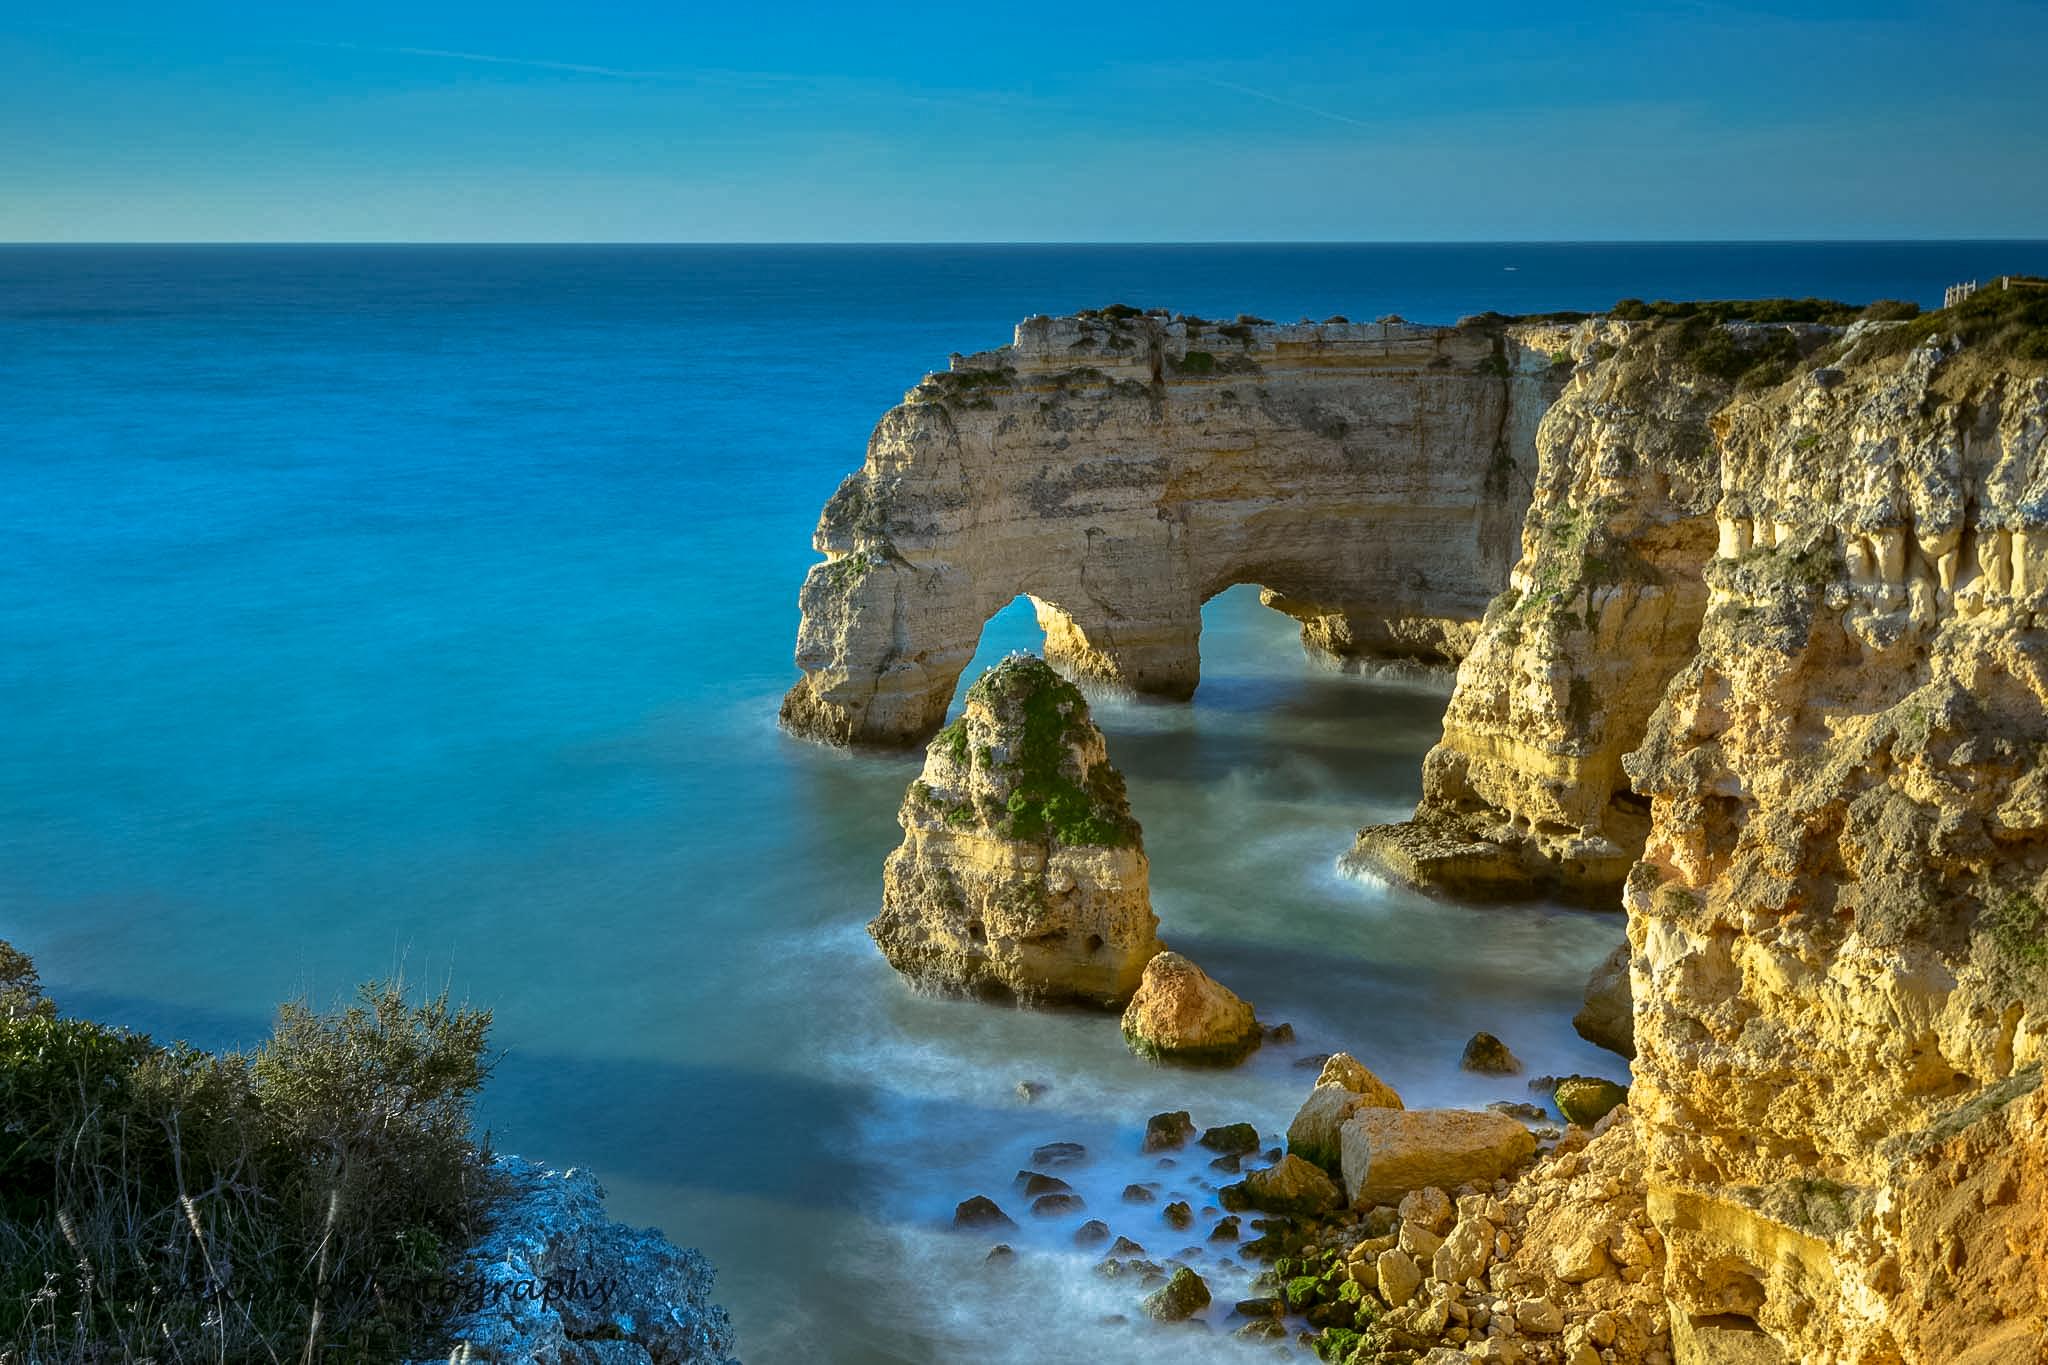 Algarve cosa vedere cosa fare idealista news - Piastrella scheggiata cosa fare ...